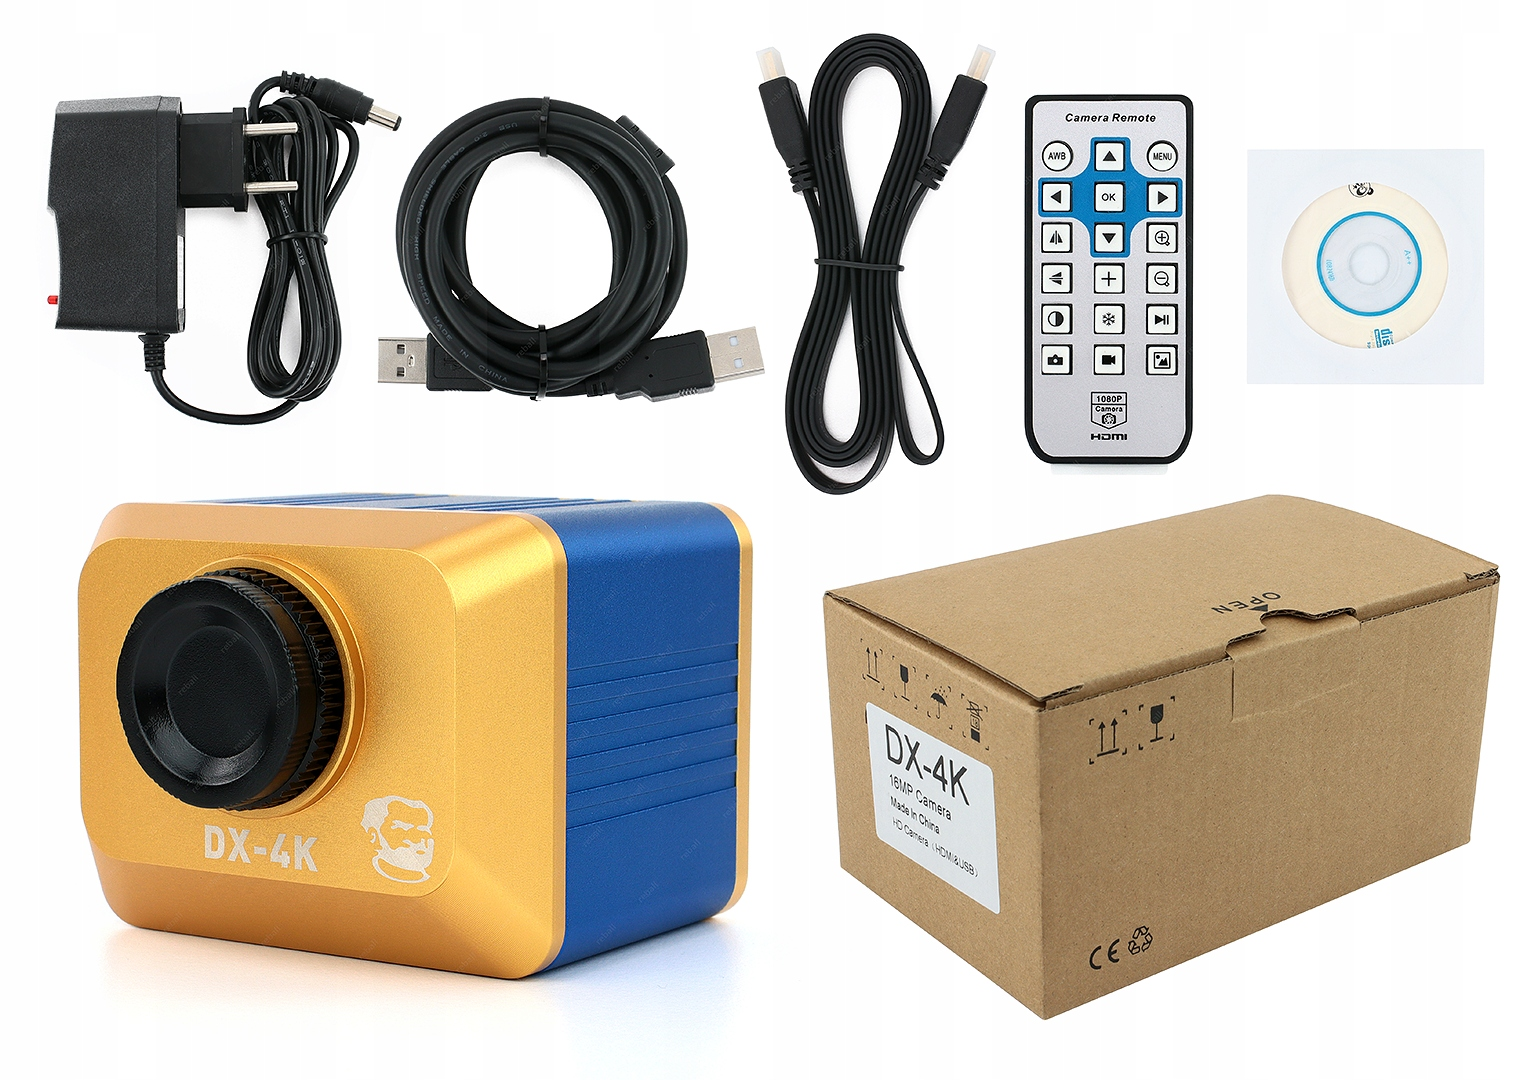 Cyfrowa Kamera Do Mikroskopów 4K Mechanic DX-4K